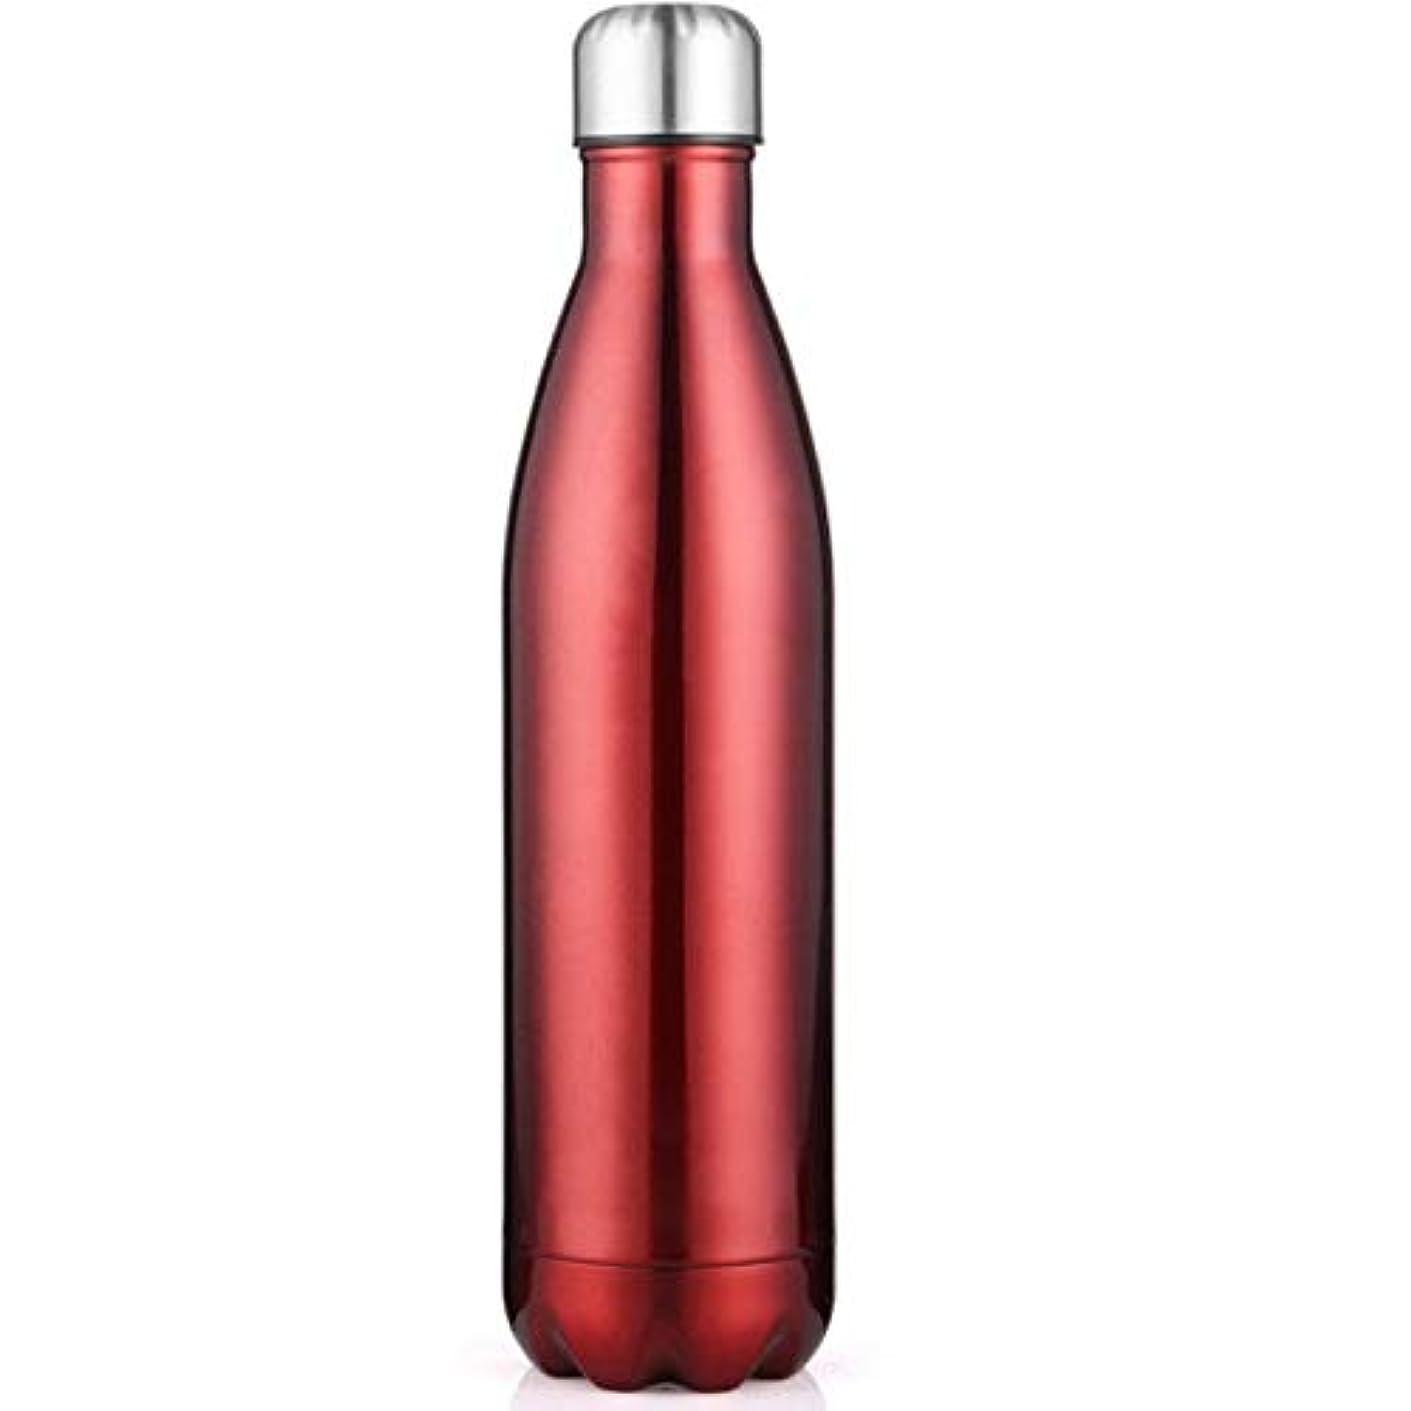 アサーソビエト比率HOOHLLY ステンレス鋼ポータブル大容量500ミリリットルマグファッションスポーツウォーターカップ高温耐性良い熱保存効果ウェアラブルウォーターカップ 売り上げ後の専門家 (Color : Red)